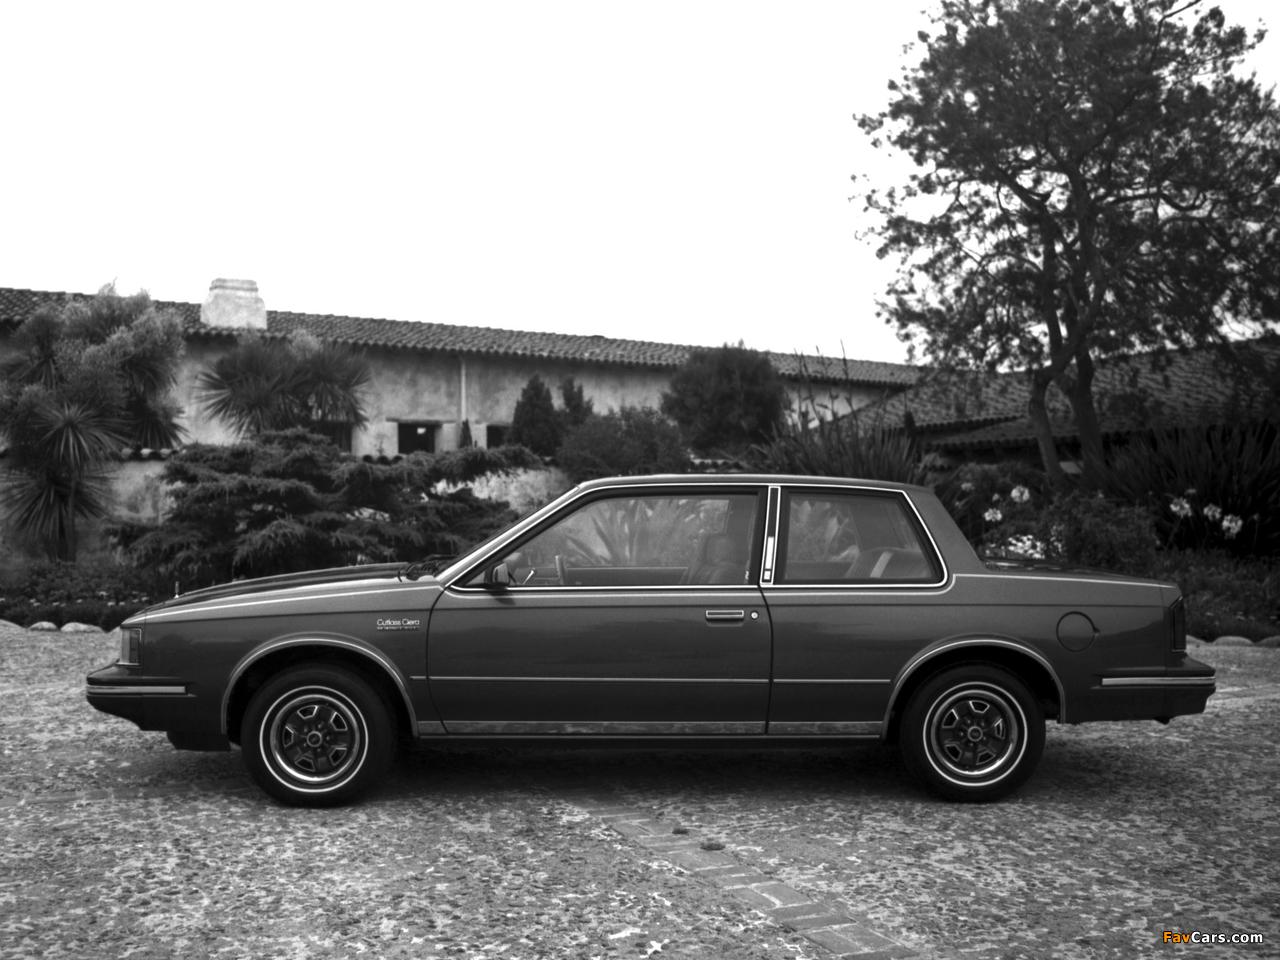 Oldsmobile Cutlass Ciera LS Coupe (J27) 1983 photos (1280 x 960)